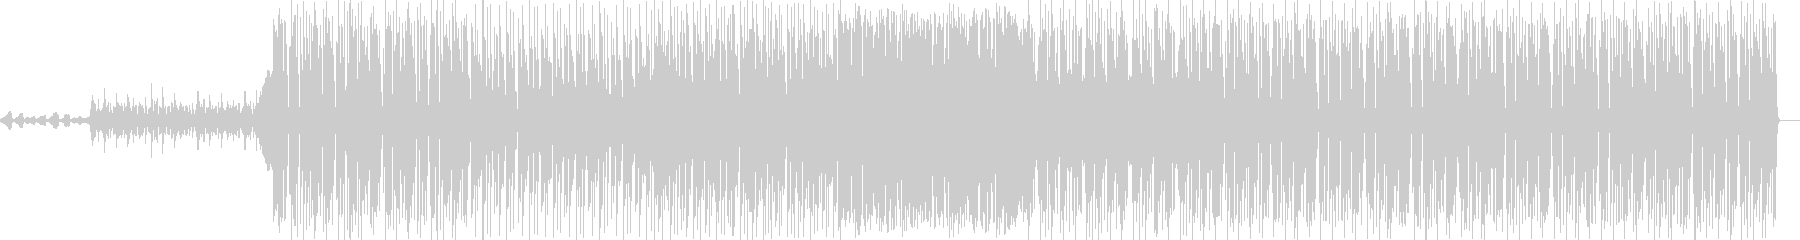 オーケストラとエレクトロニカの未再生の波形